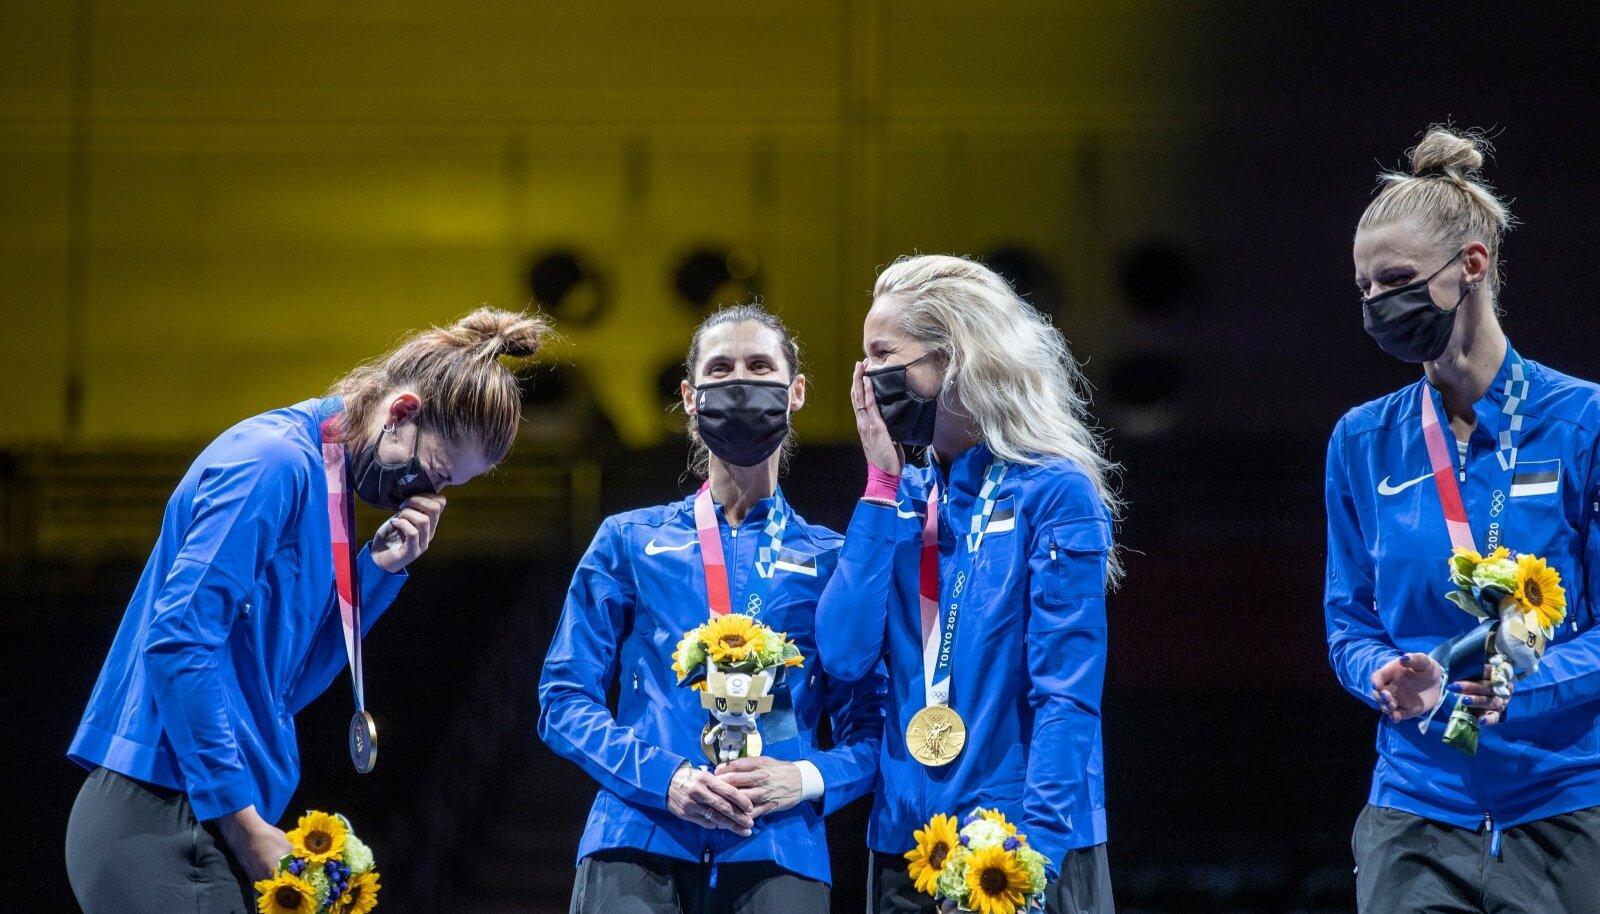 Julia Beljajeva ilus võitlus emotsioonidega: see on olümpiavõit!